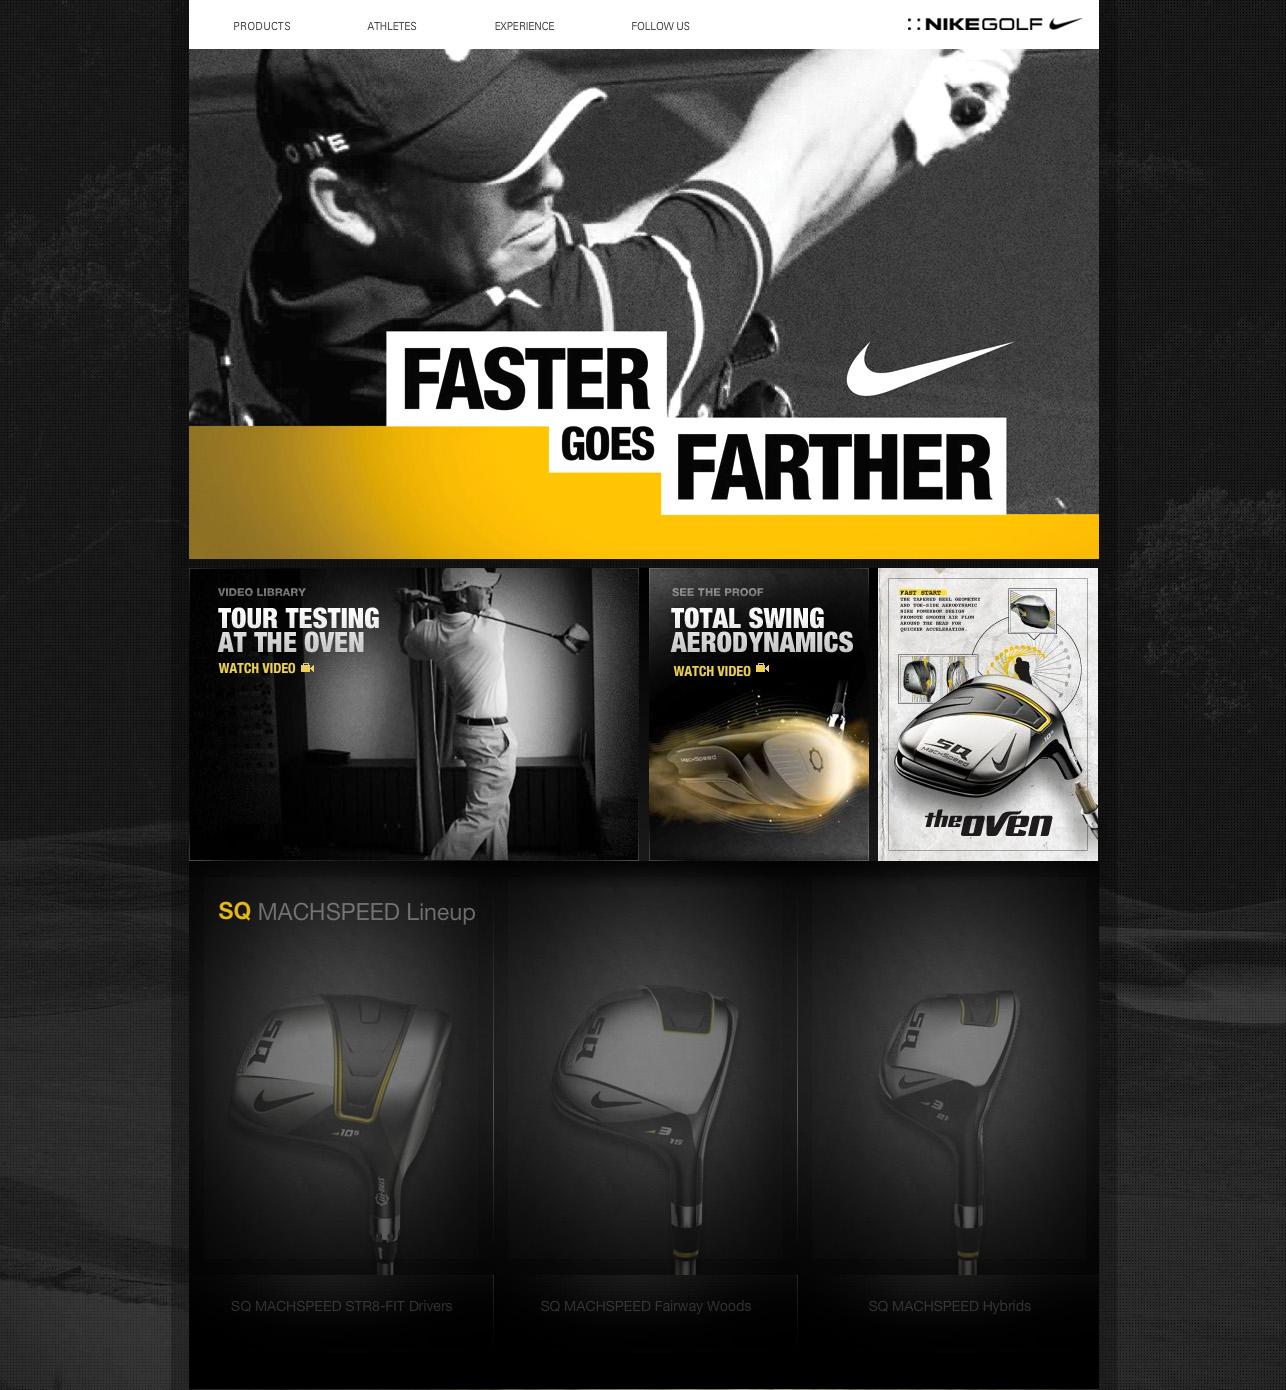 c276751047cbd8 Nike SQ MACHSPEED - Edwin Tofslie